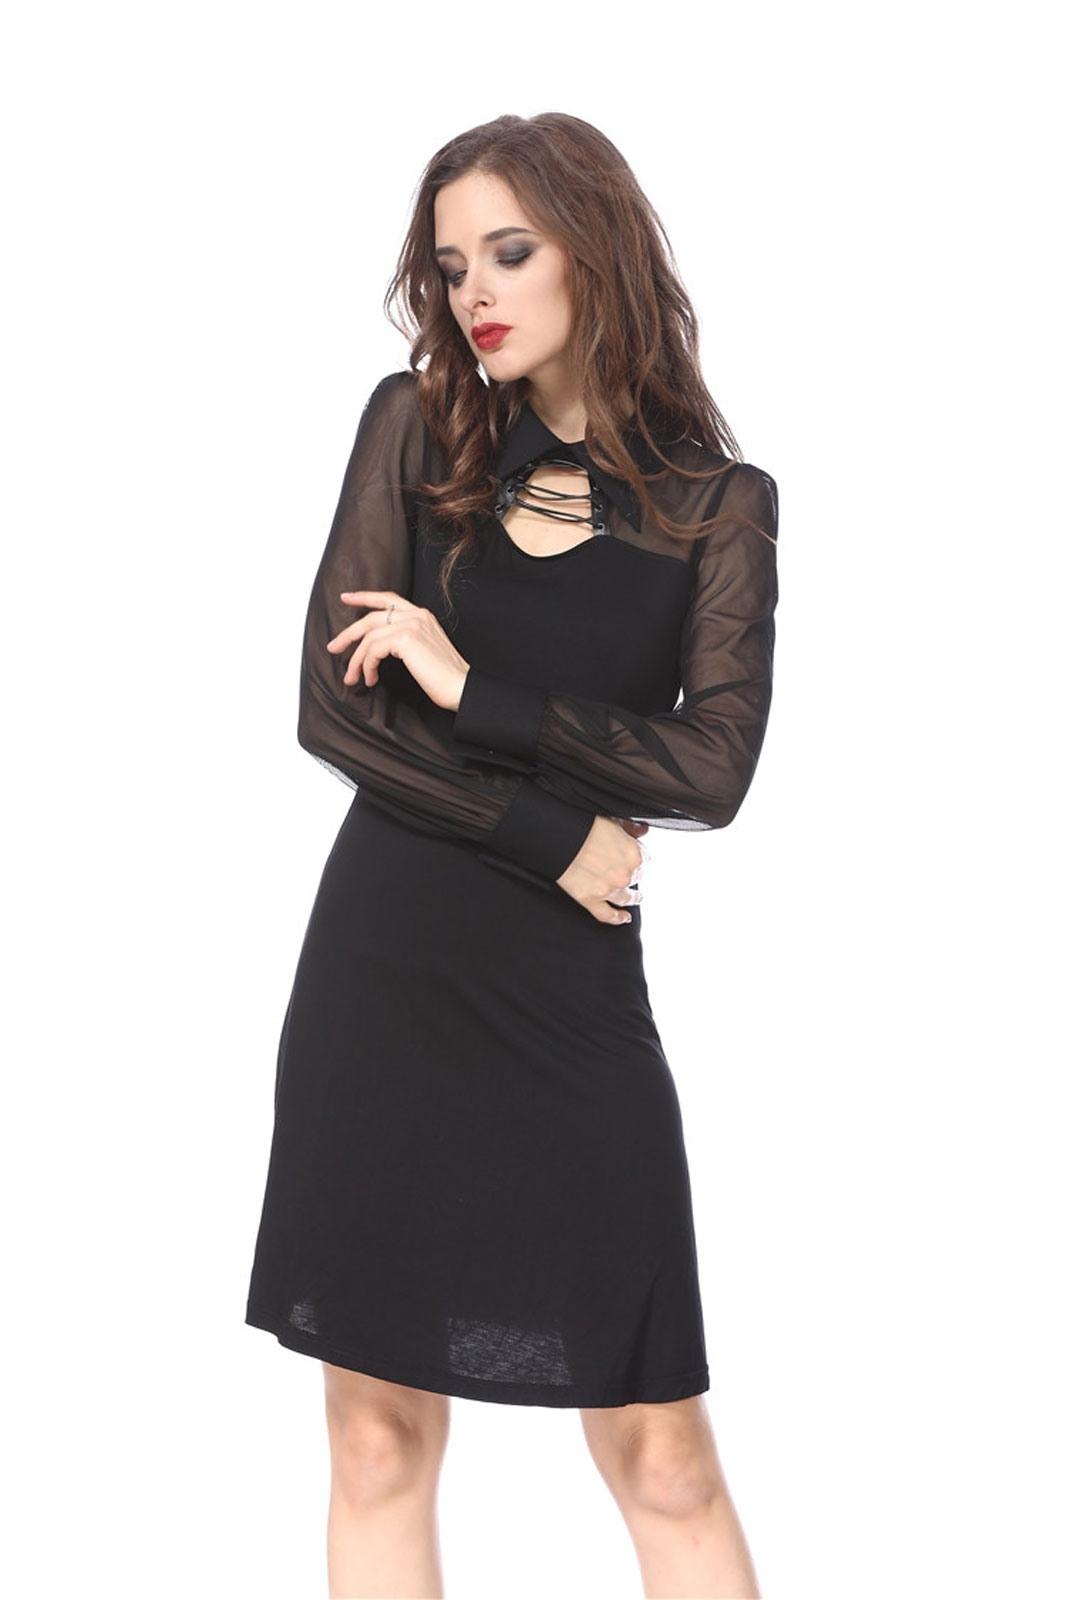 15 Ausgezeichnet Kleines Kleid für 2019 Cool Kleines Kleid Galerie